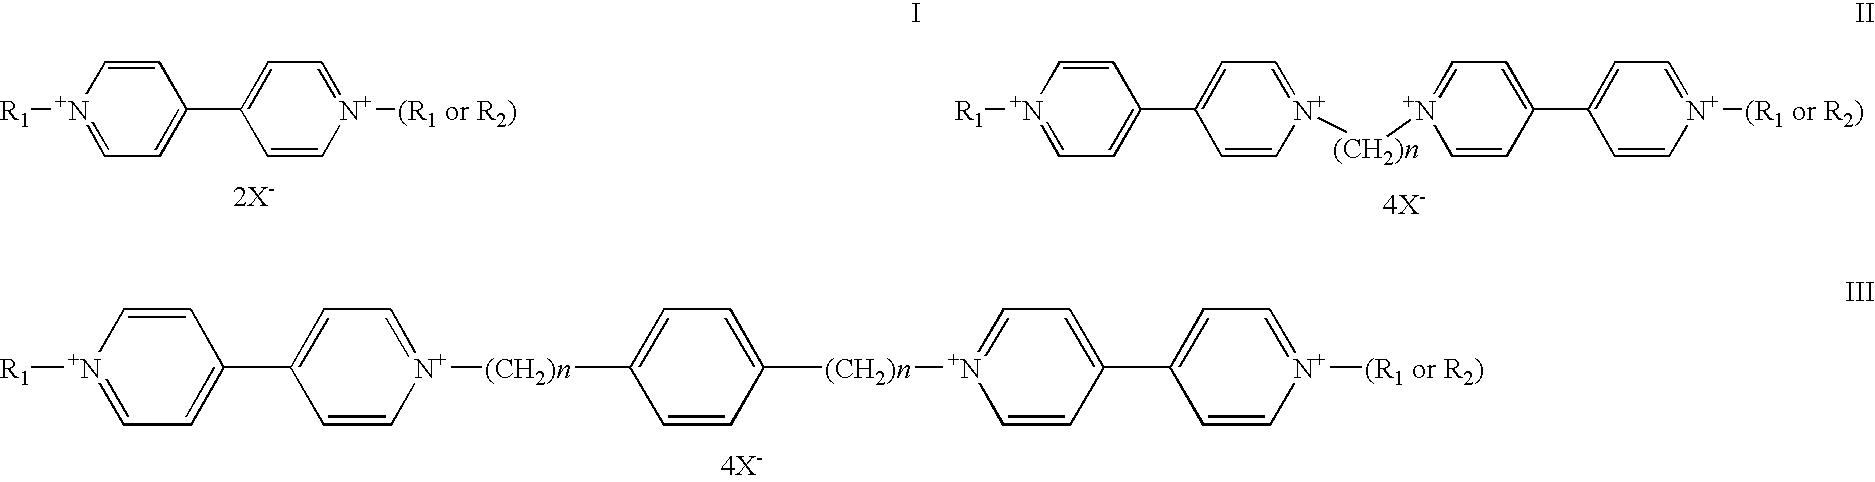 Figure US20070220427A1-20070920-C00001